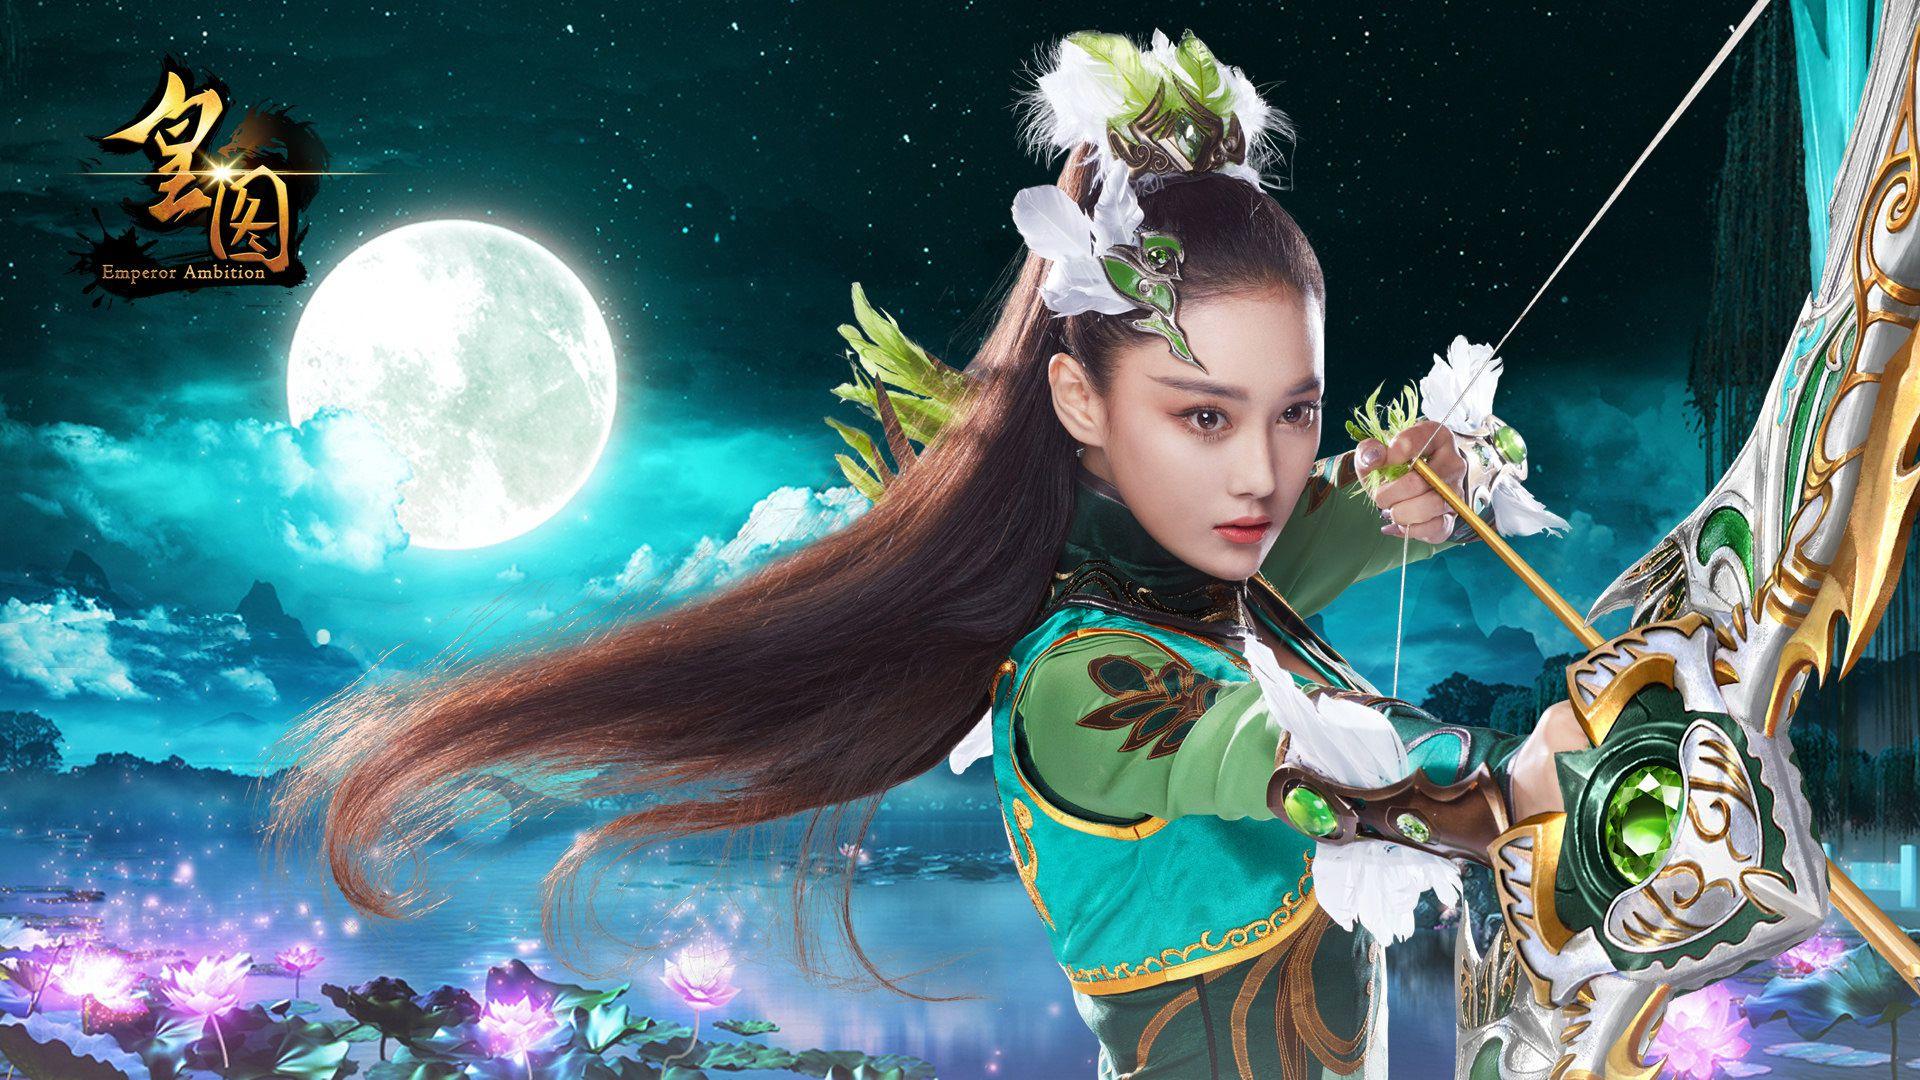 《皇图》高清女神壁纸放送 女神张馨予来袭